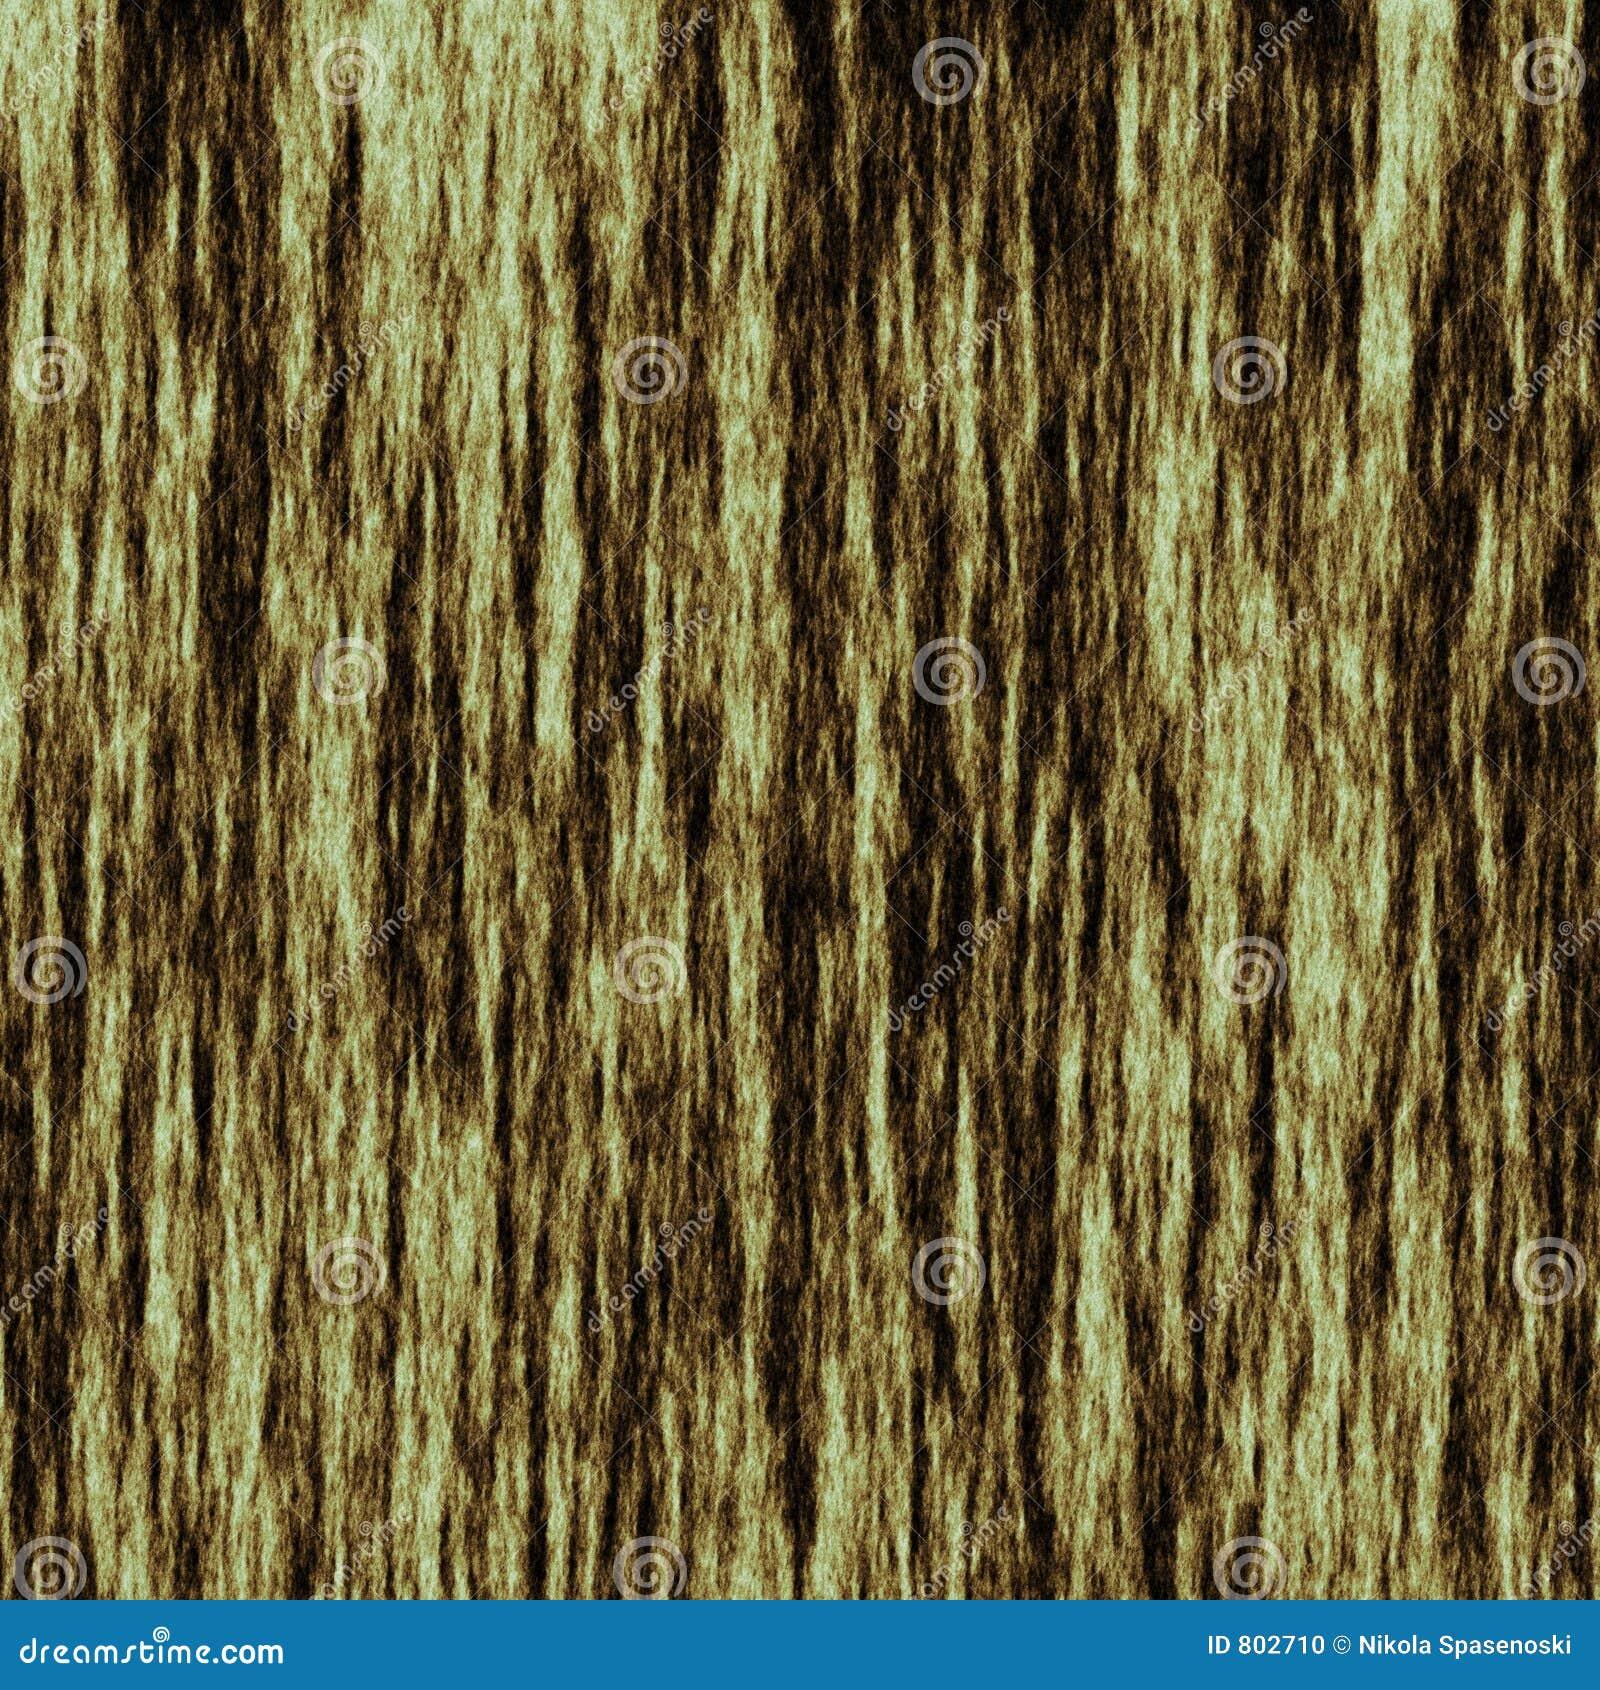 Tree bark texture stock illustration. Image of tree ...  Tree bark textu...